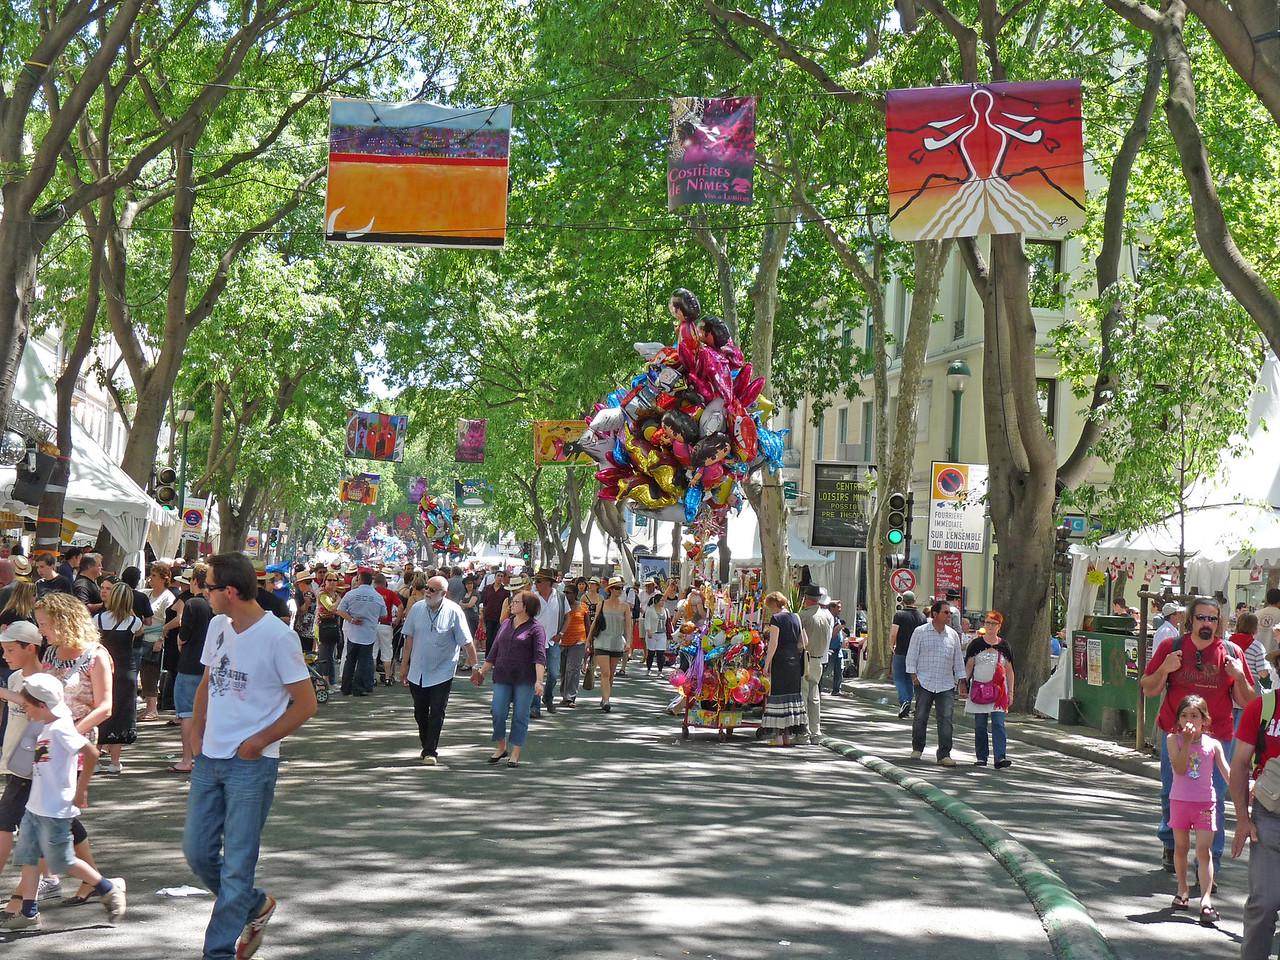 Nimes street fair (Feria)